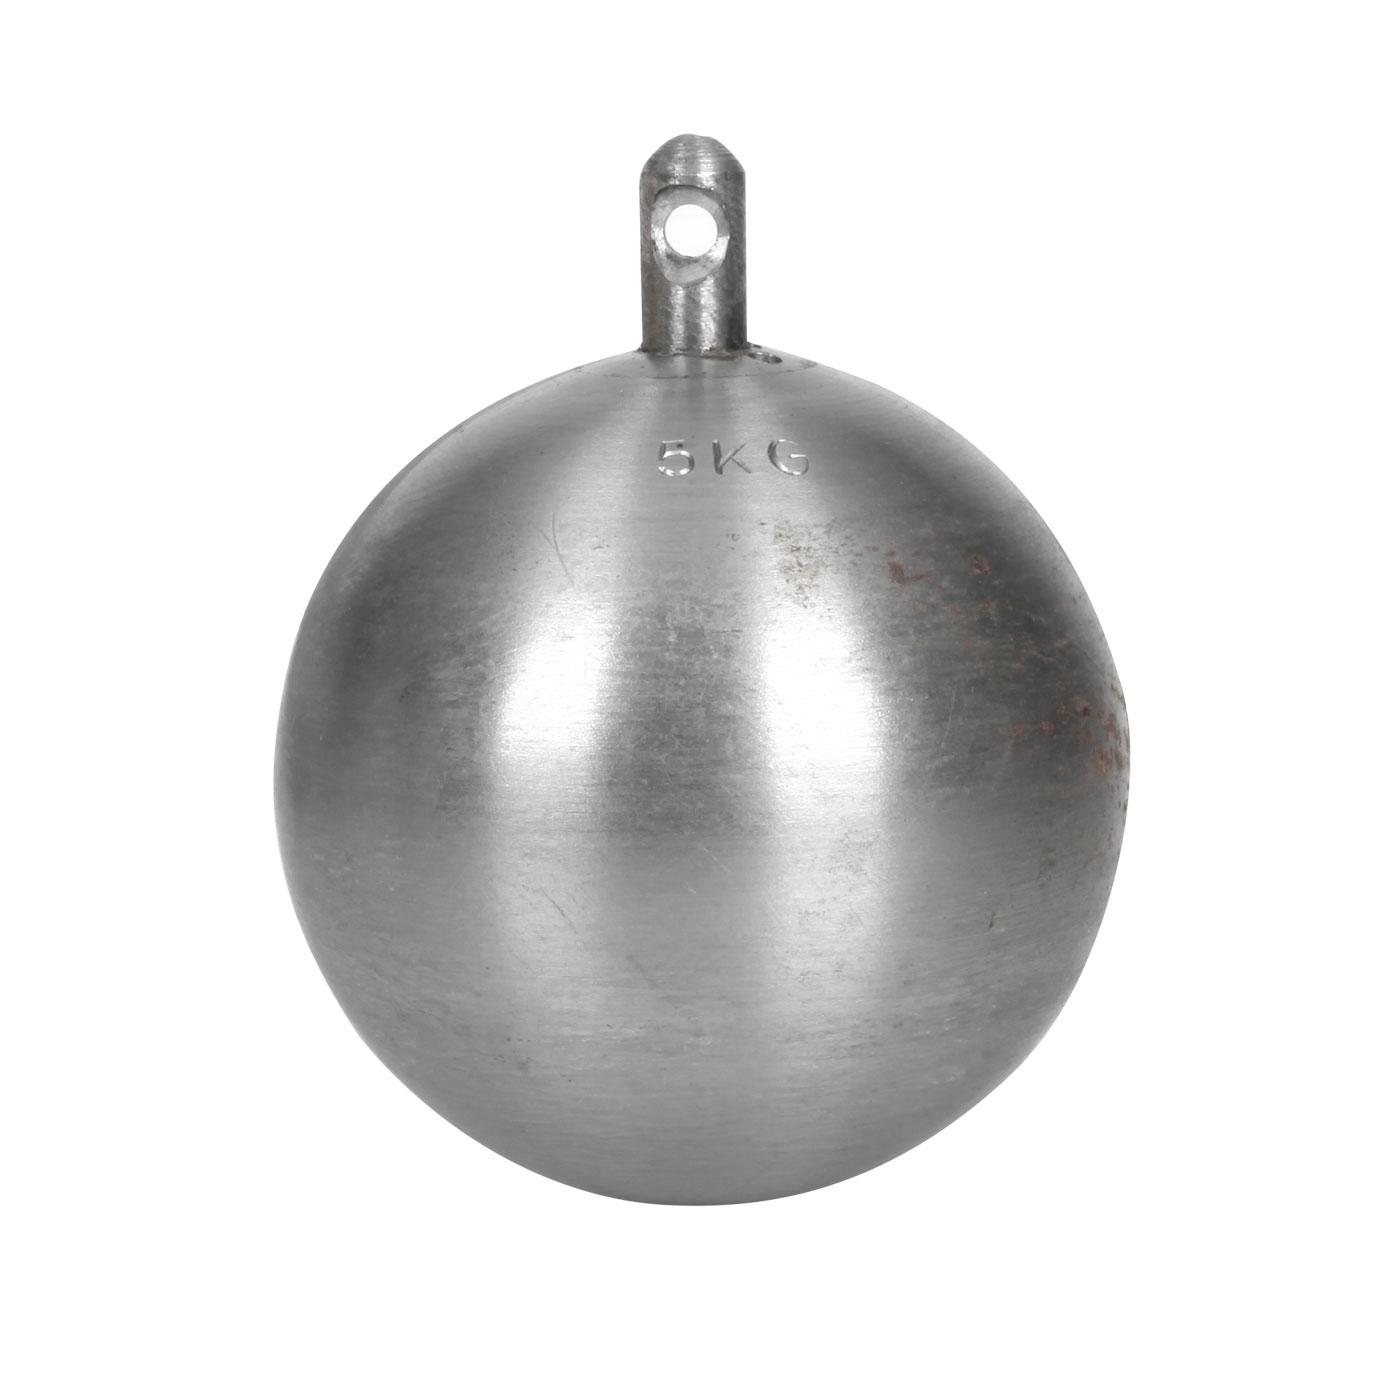 其它 鏈球-5KG6005001 - 依賣場